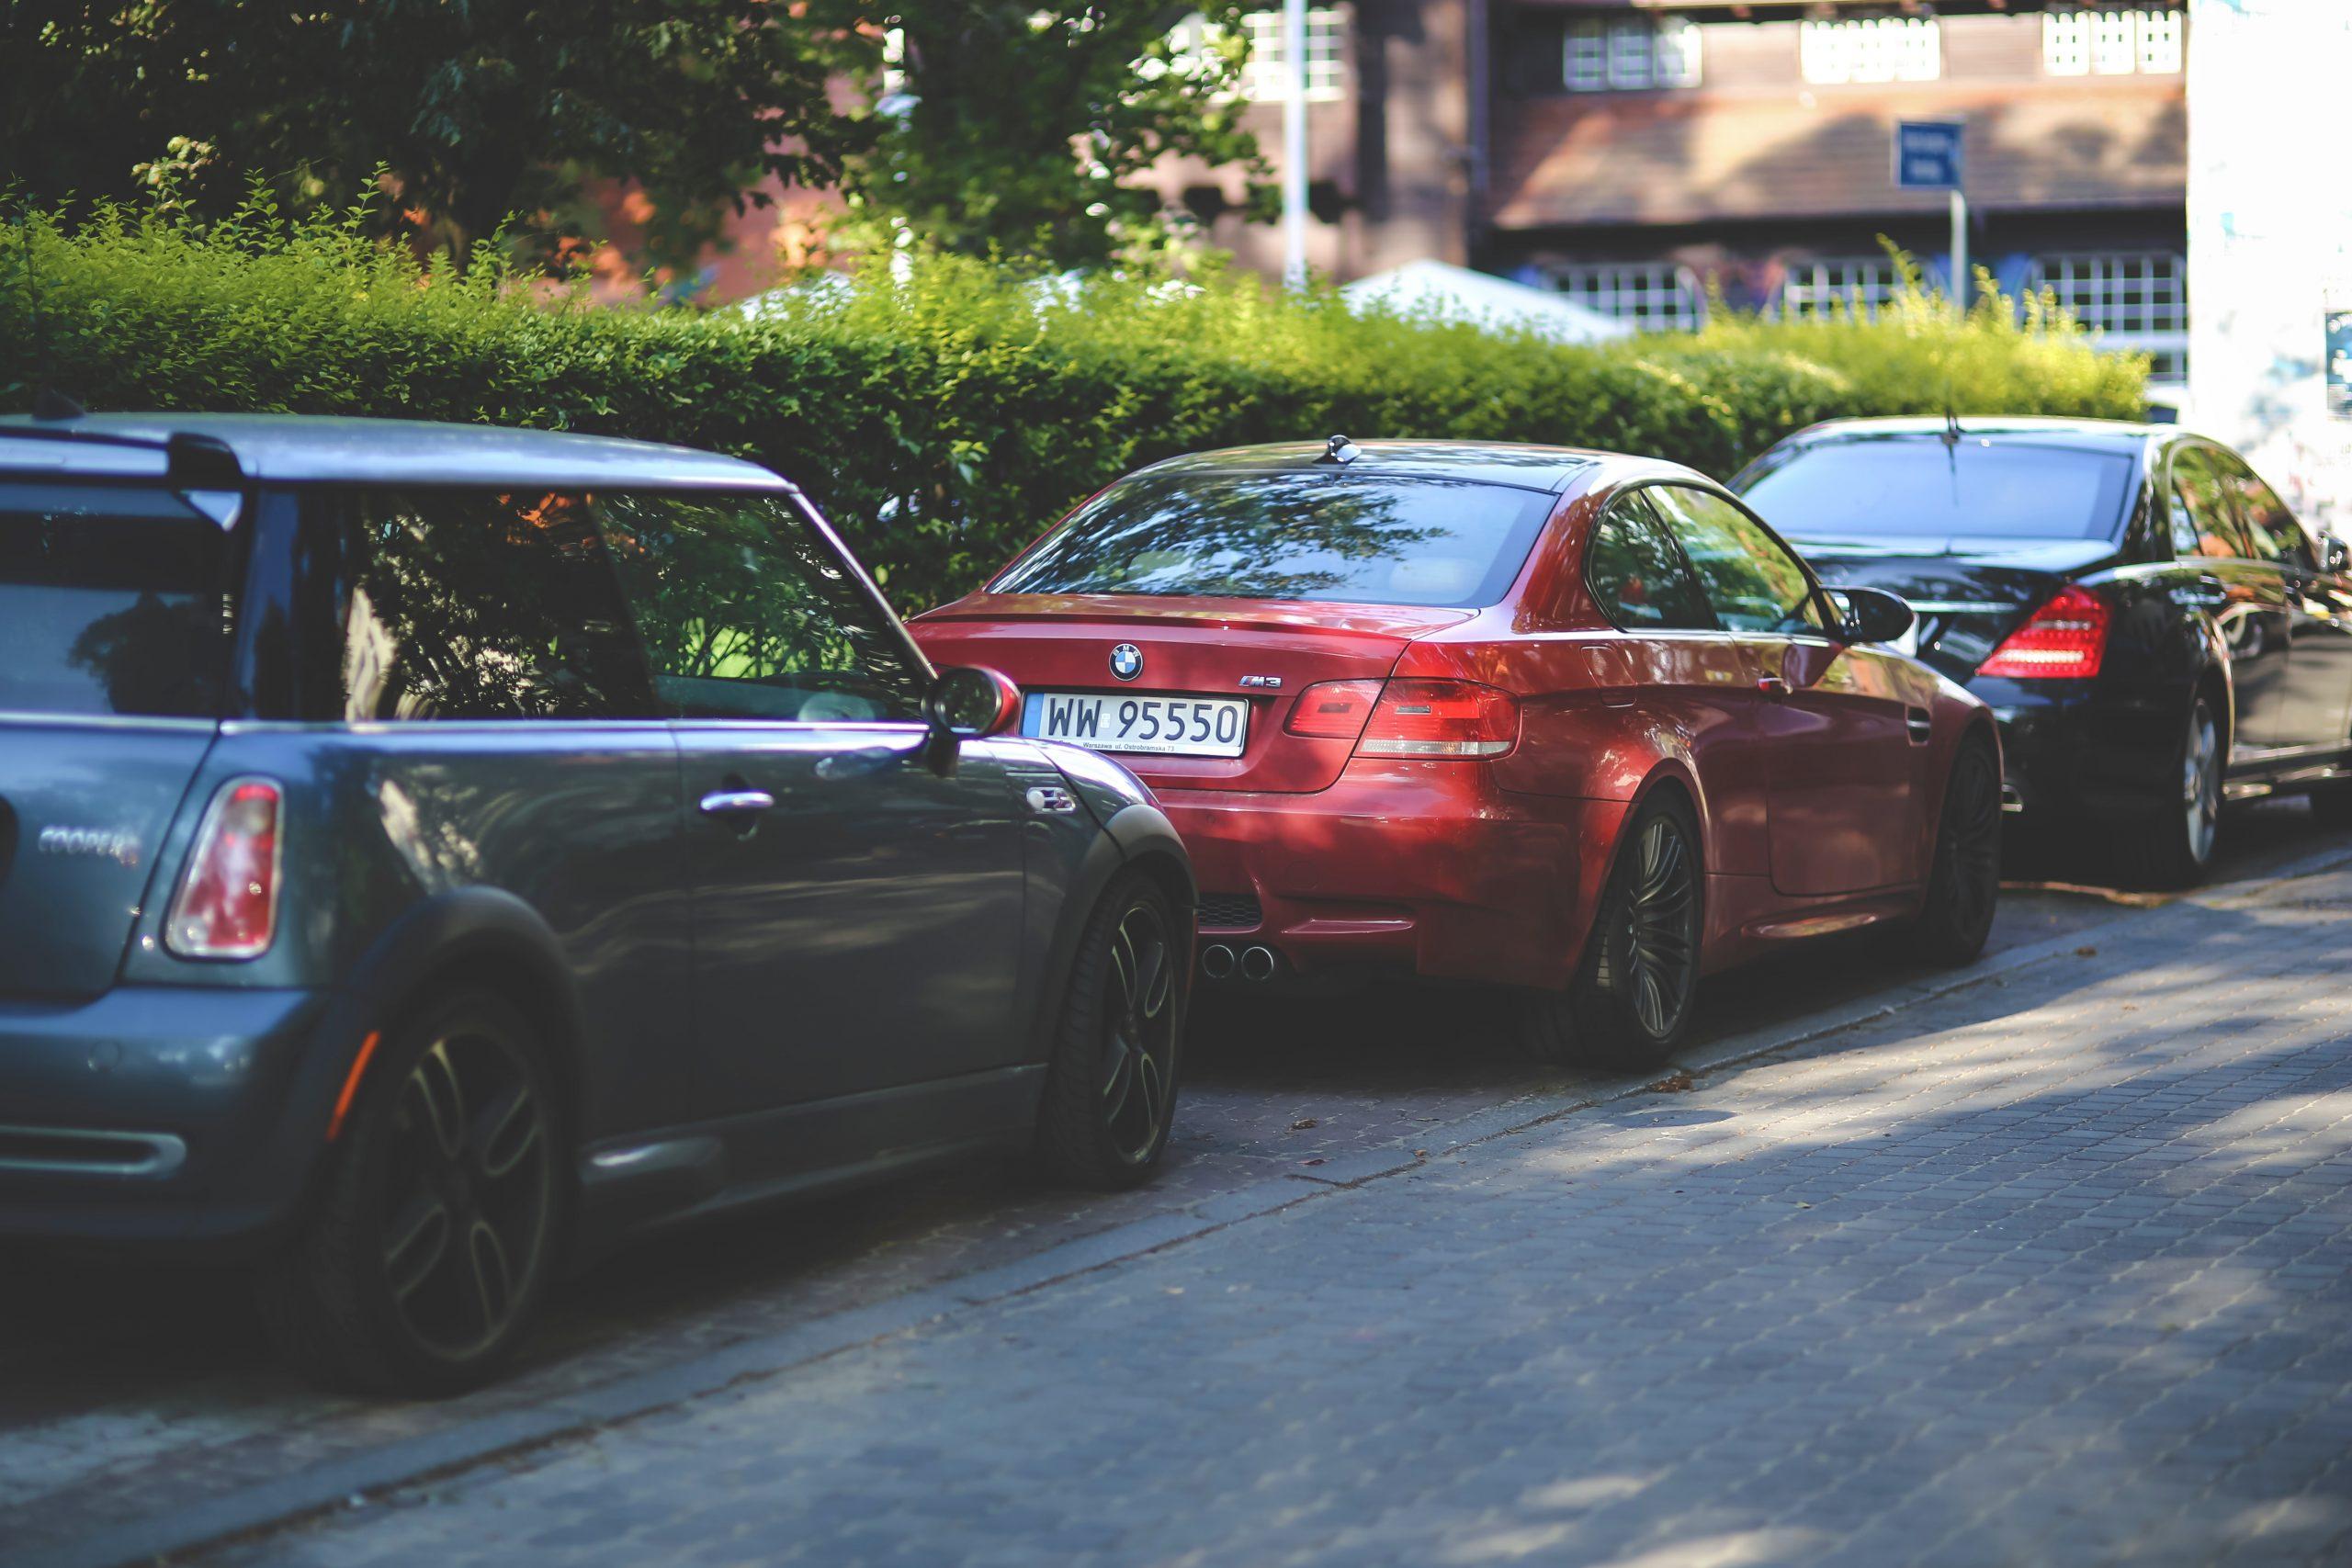 Horario del estacionamiento regulado en Madrid